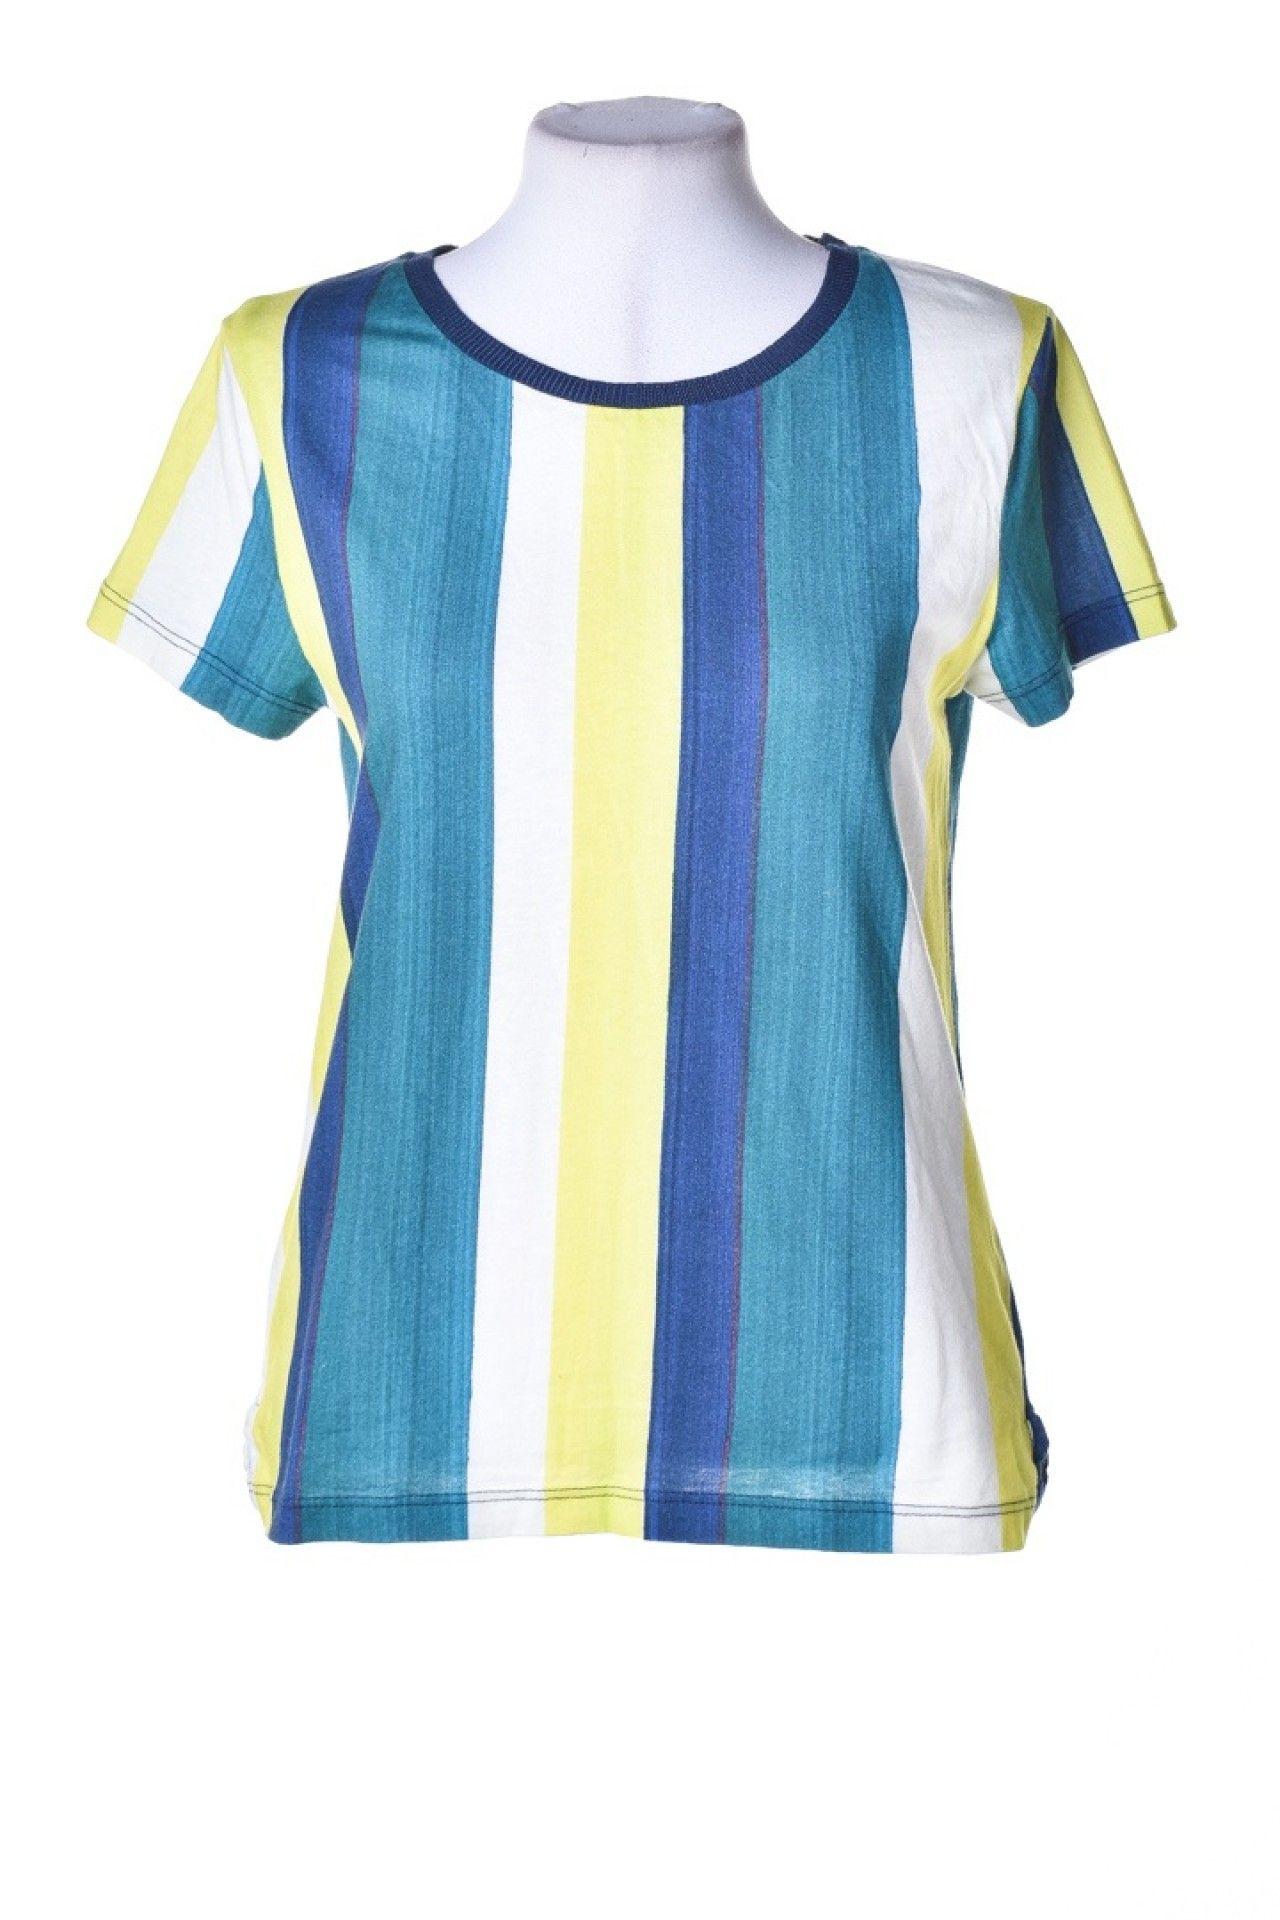 A.brand - Camiseta Color Estampada - Foto 1